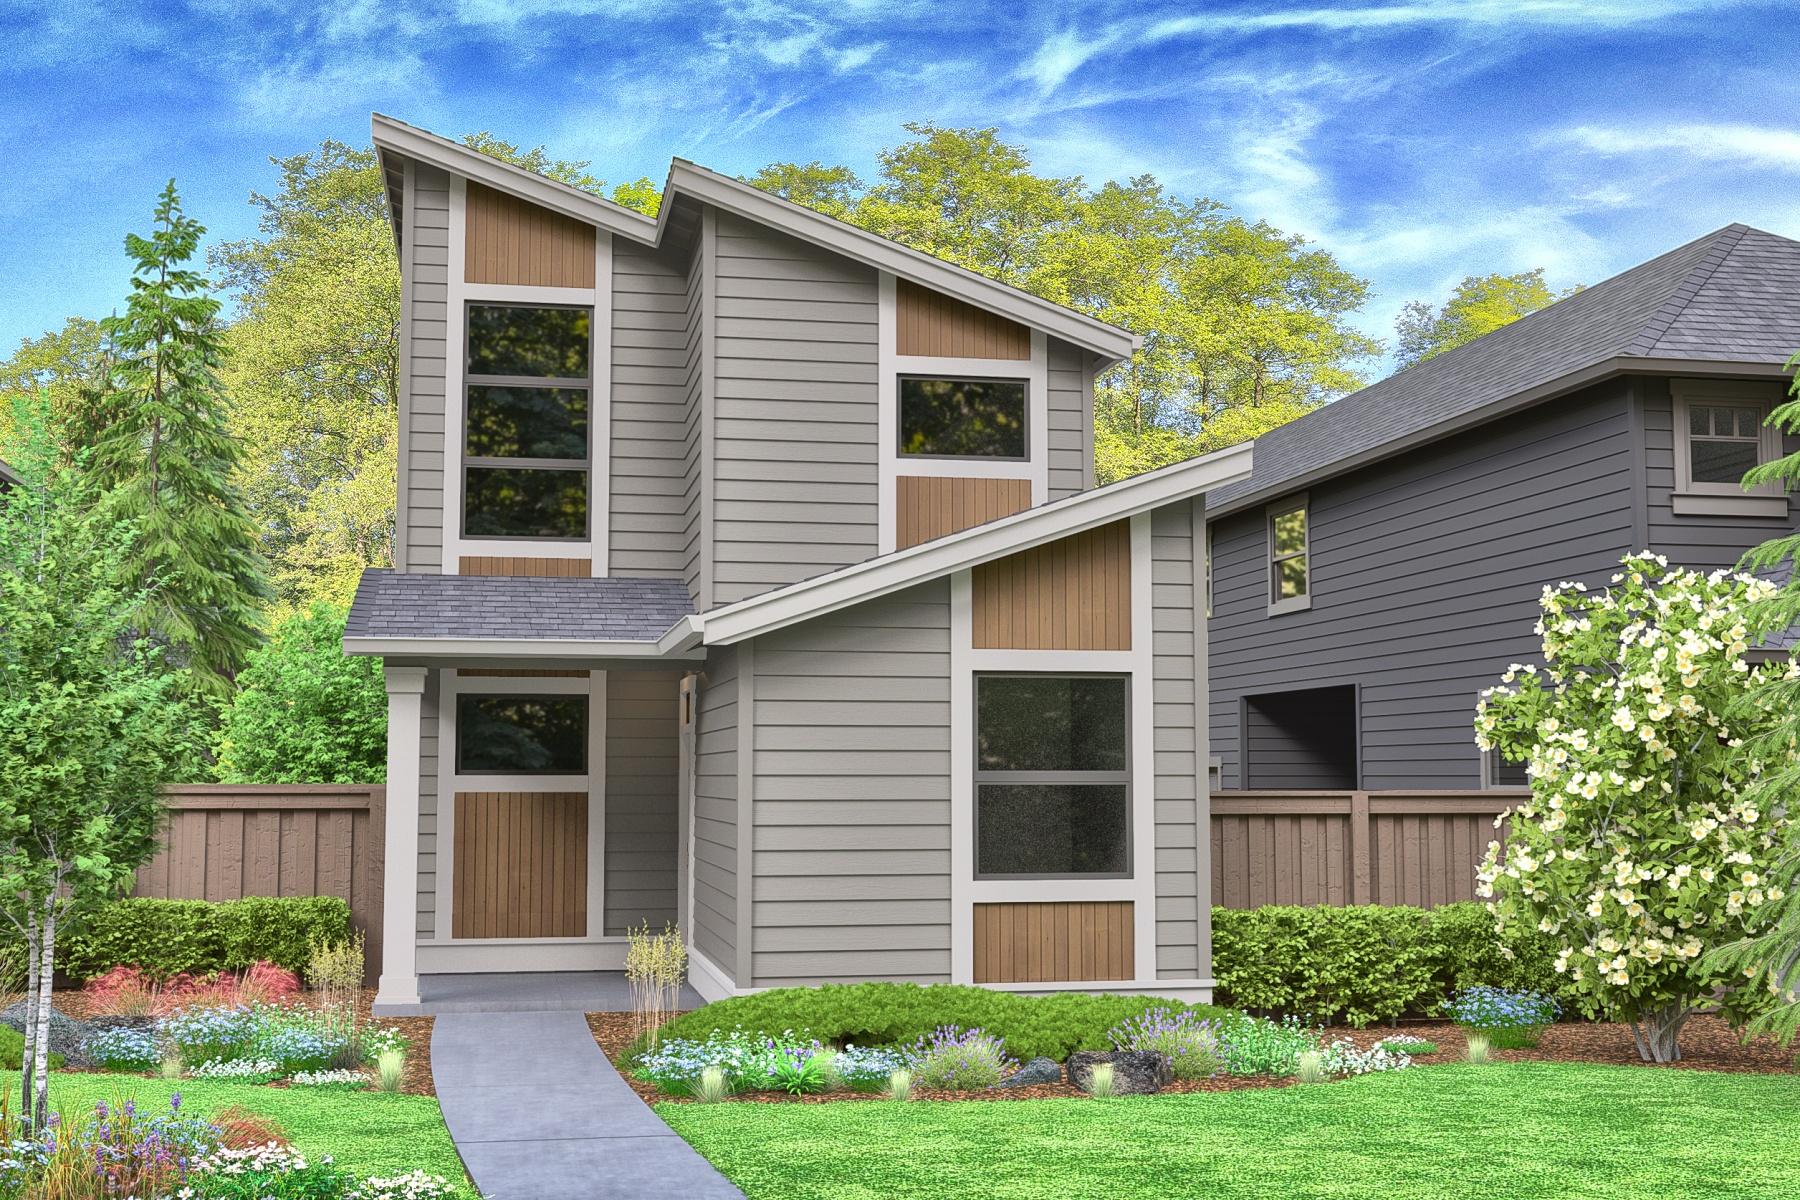 Частный односемейный дом для того Продажа на New Home, New Community 3866-Lot 46 Southwest Coyote Lane, Redmond, Орегон, 97756 Соединенные Штаты